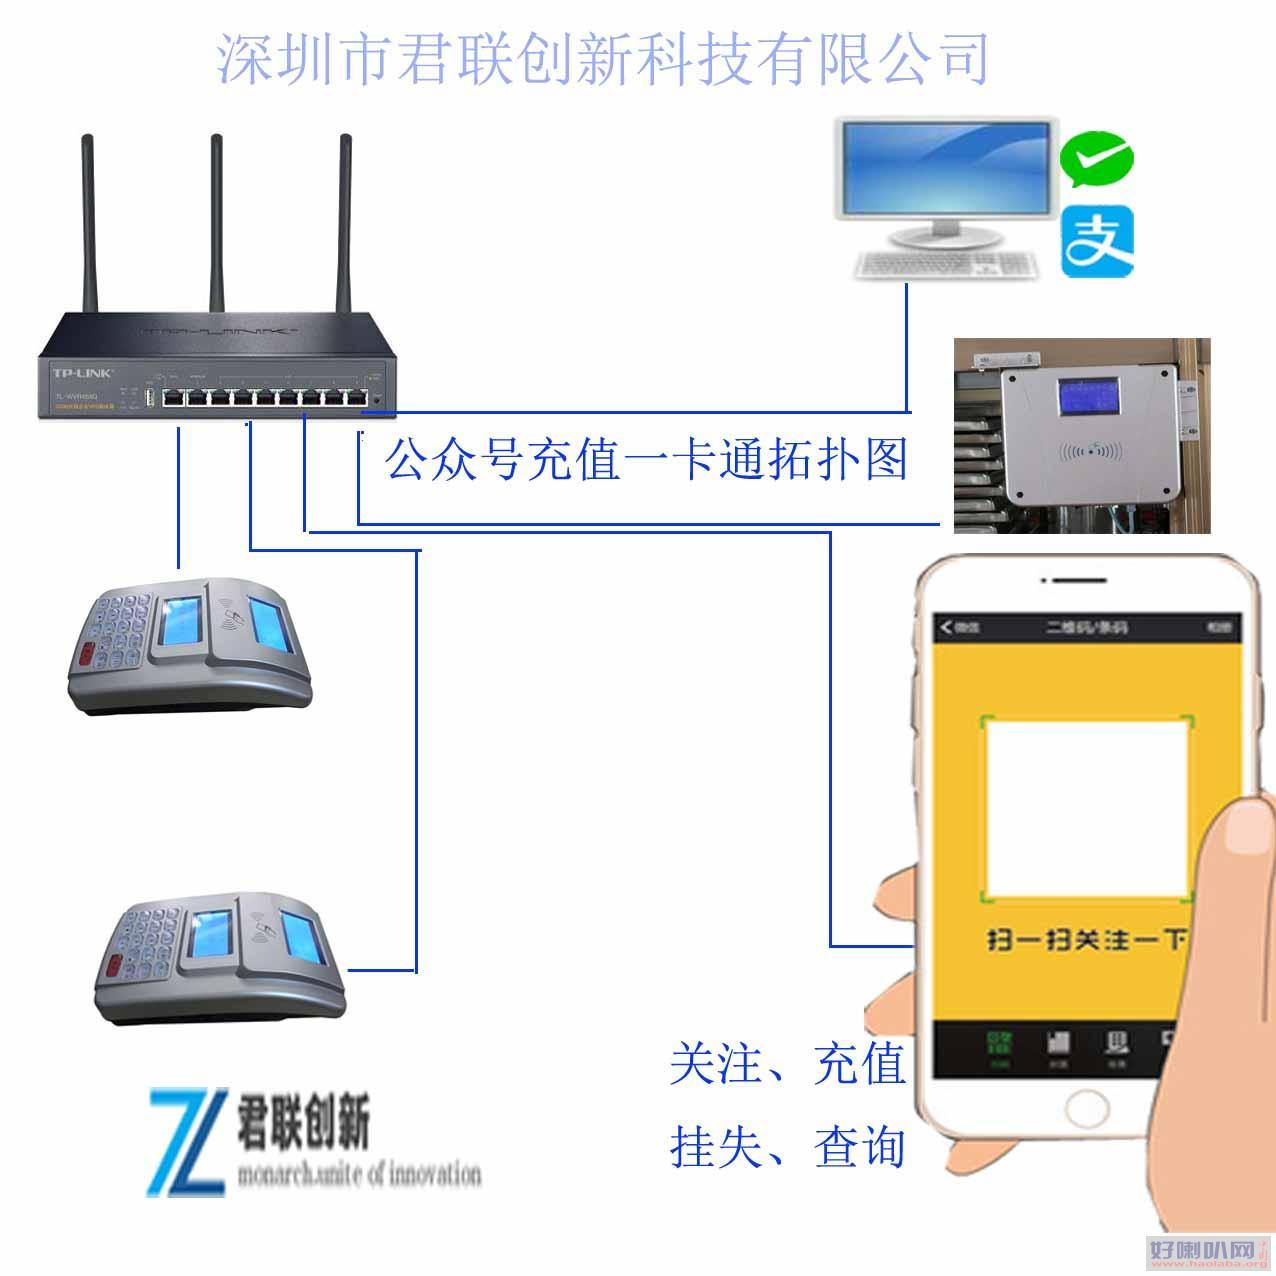 定额消费机微信充值 自由消费售饭机